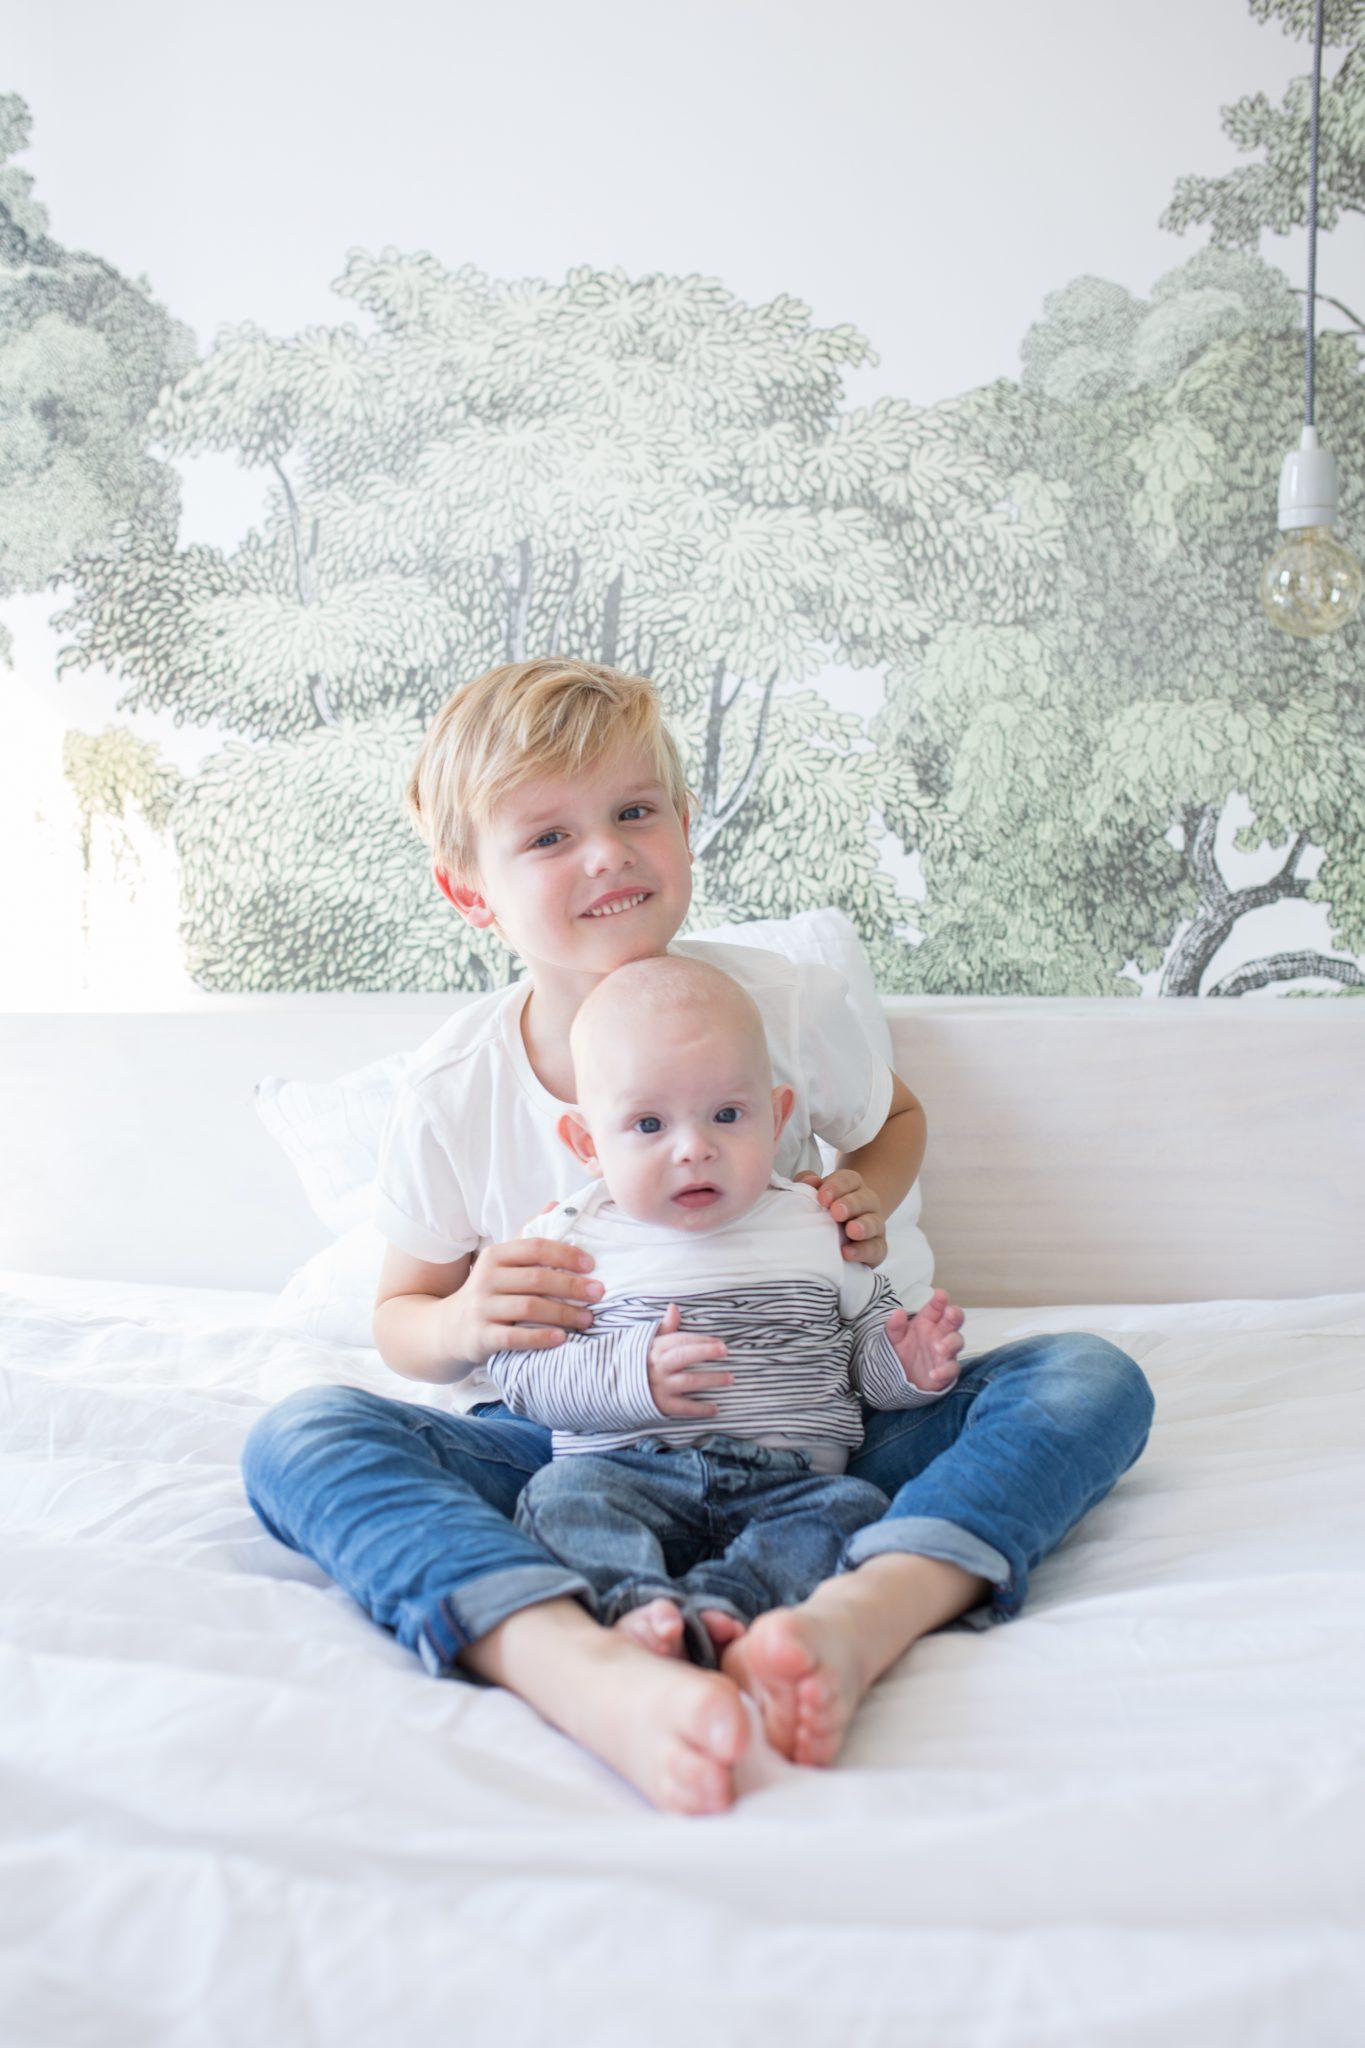 gezinsfotografie op locatie familie fotografie thuis amersfoort laura elkhuizen fotografie